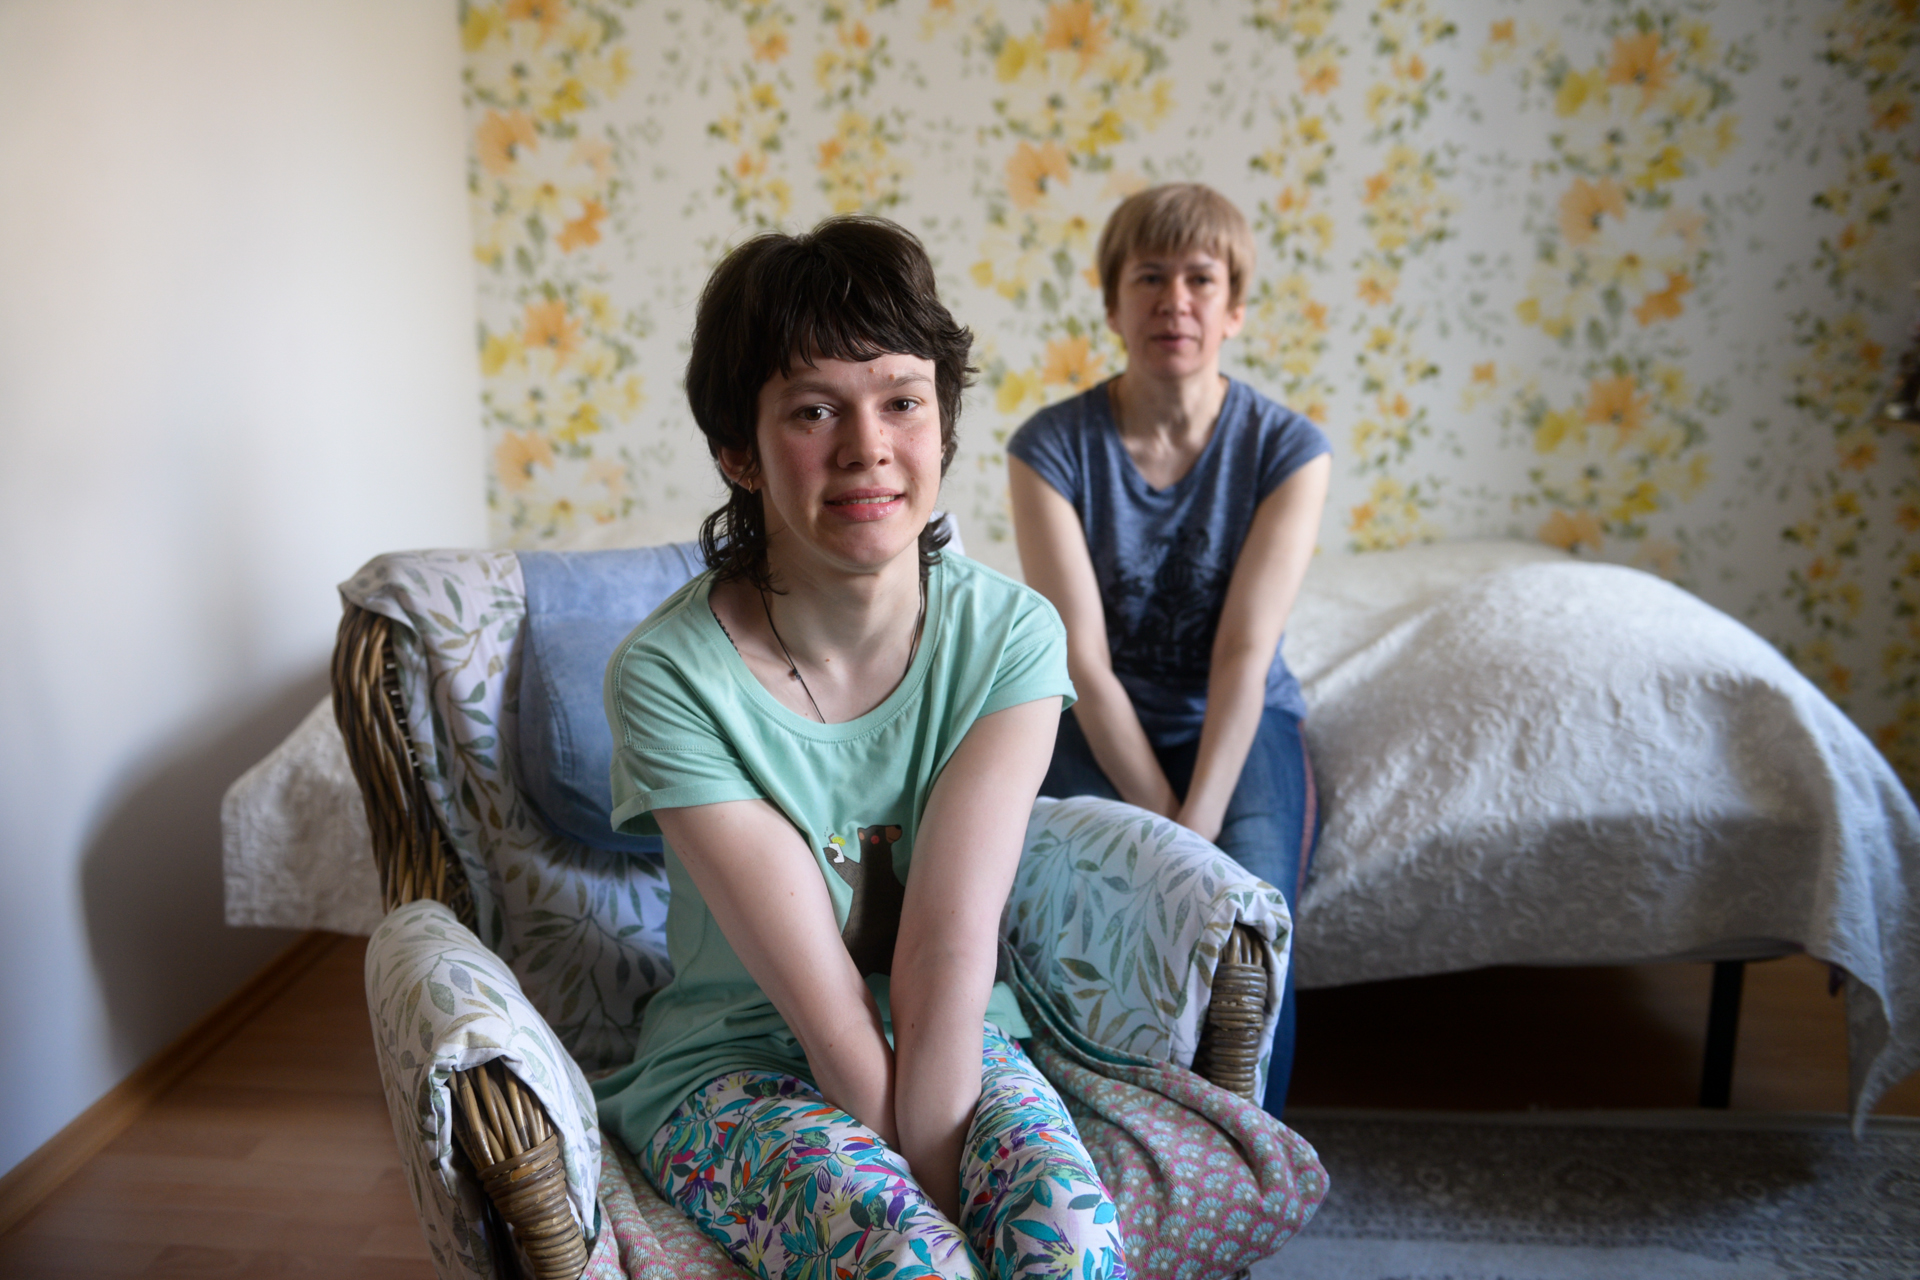 Вера рассказывает, что у нее есть друзья и знакомые, которые не могут покинуть квартиру просто потому, что в их домах нет лифта